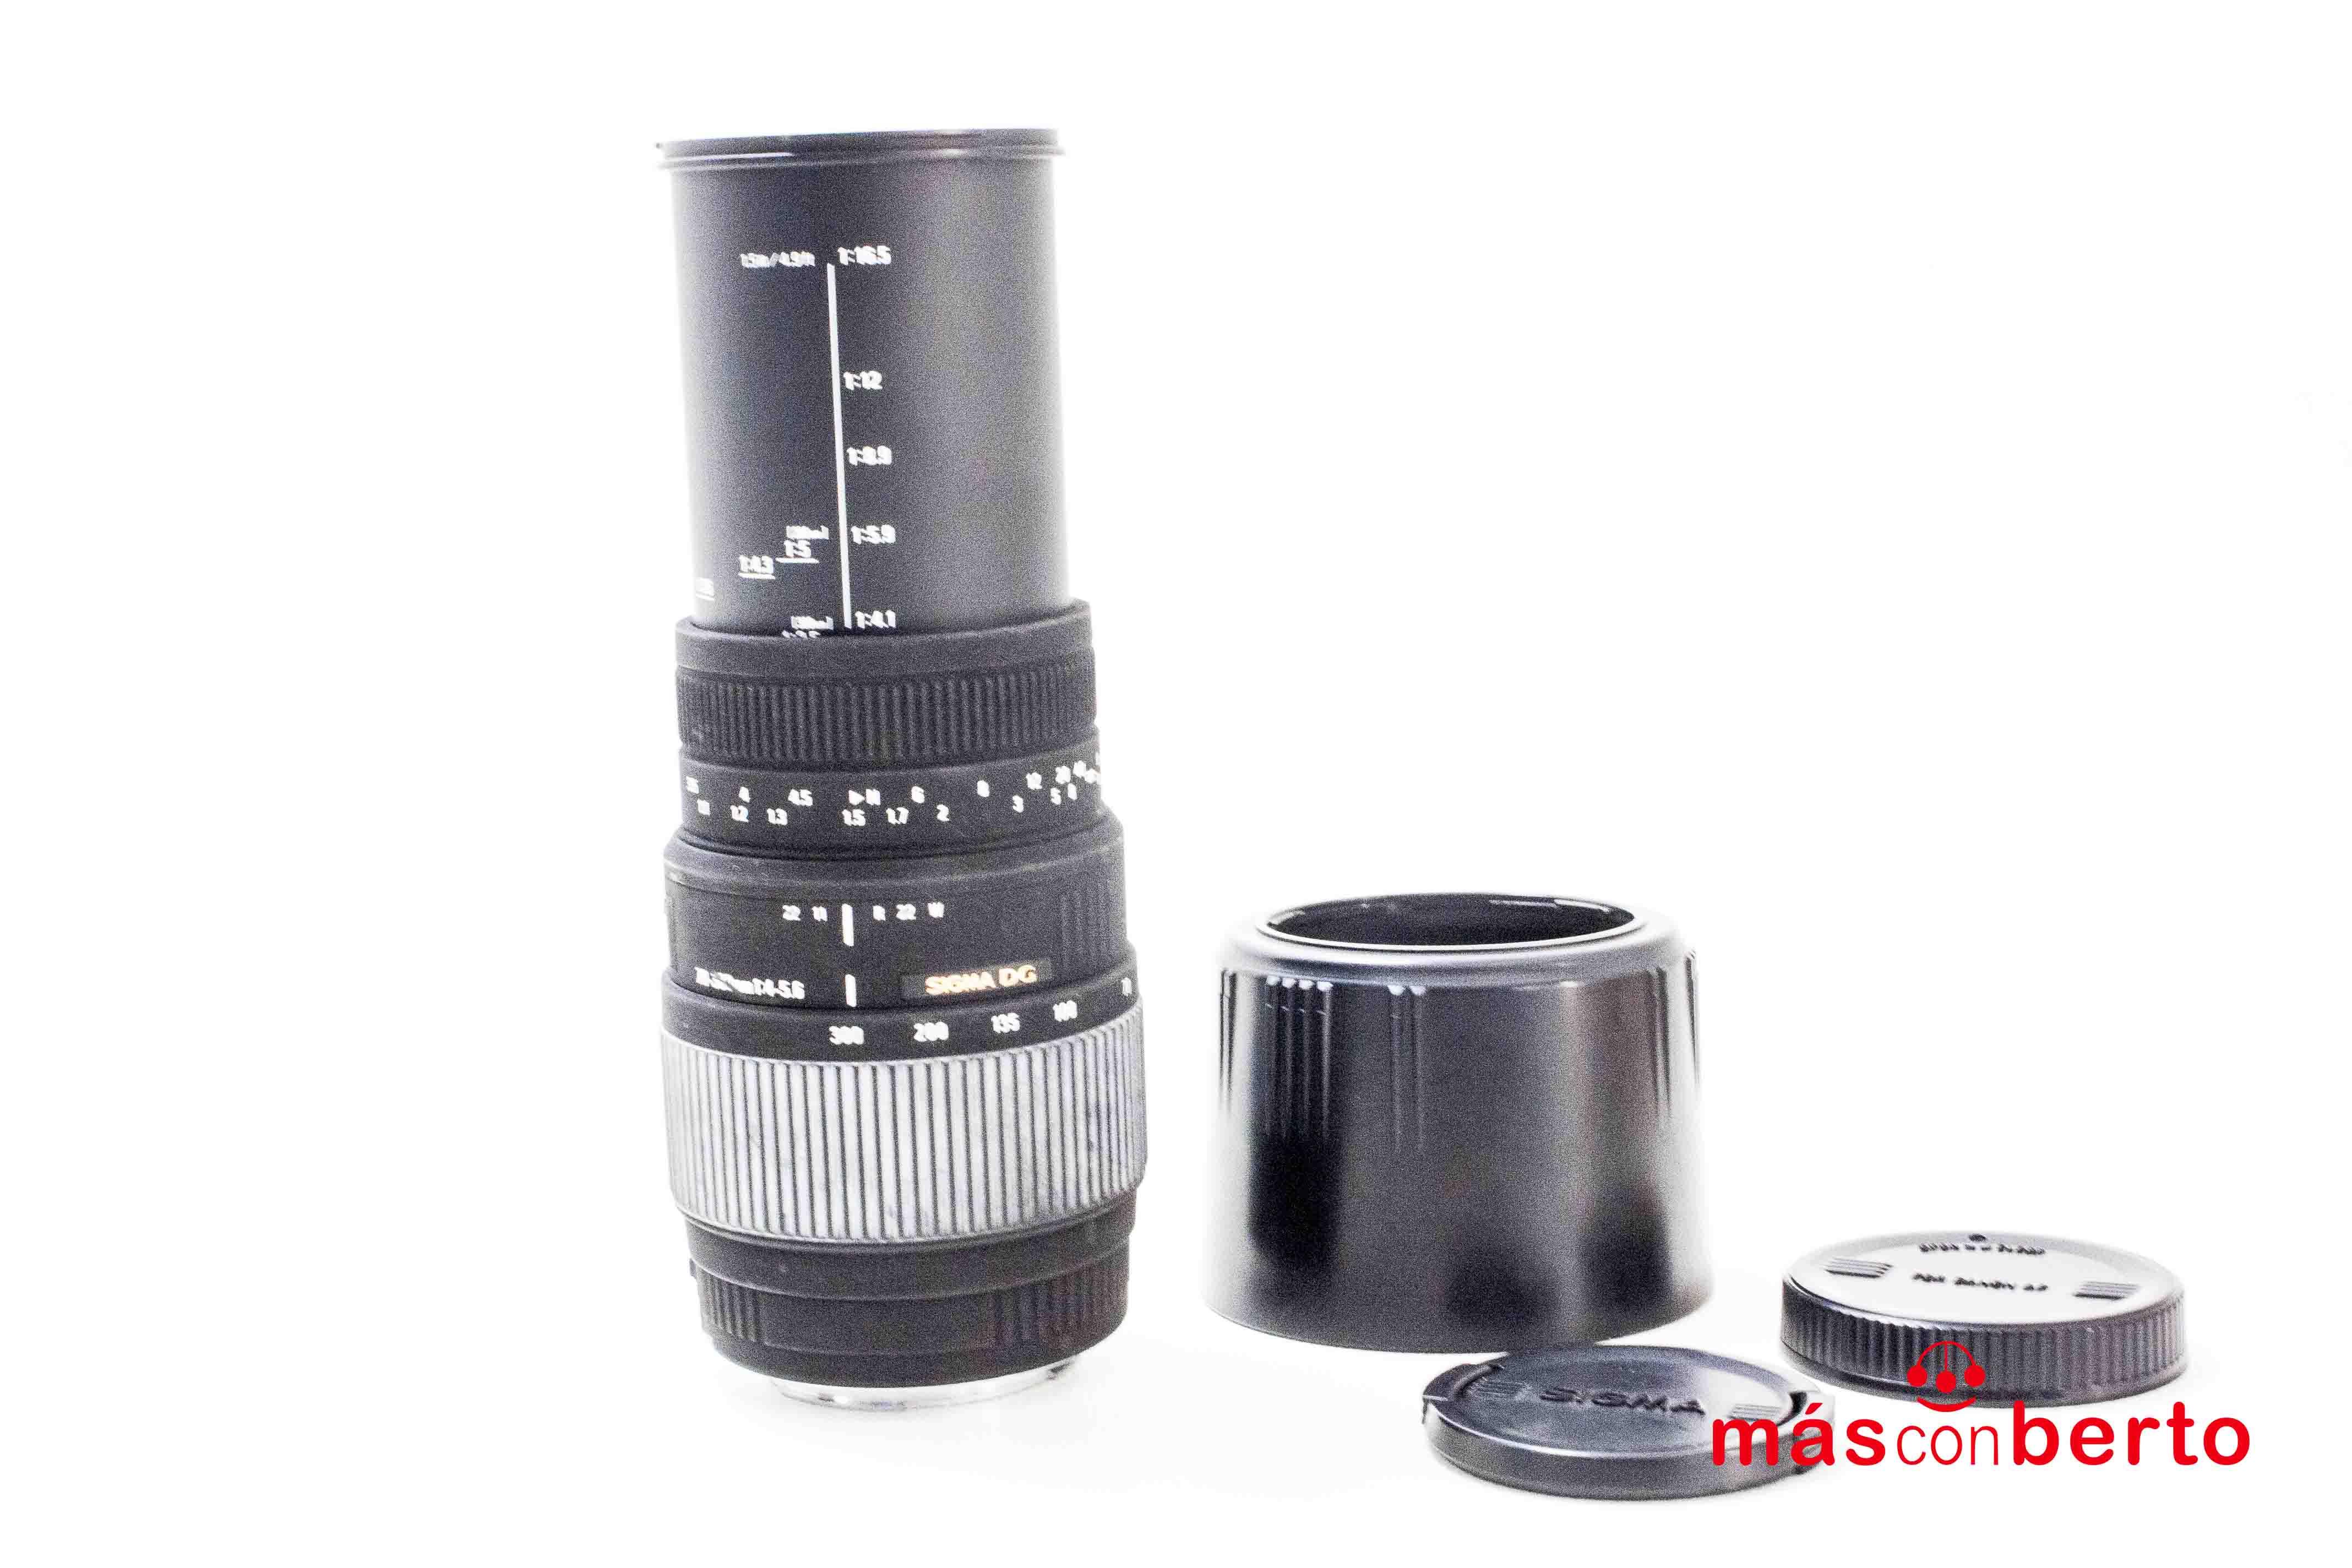 Objetivo Sigma 70-300 mm